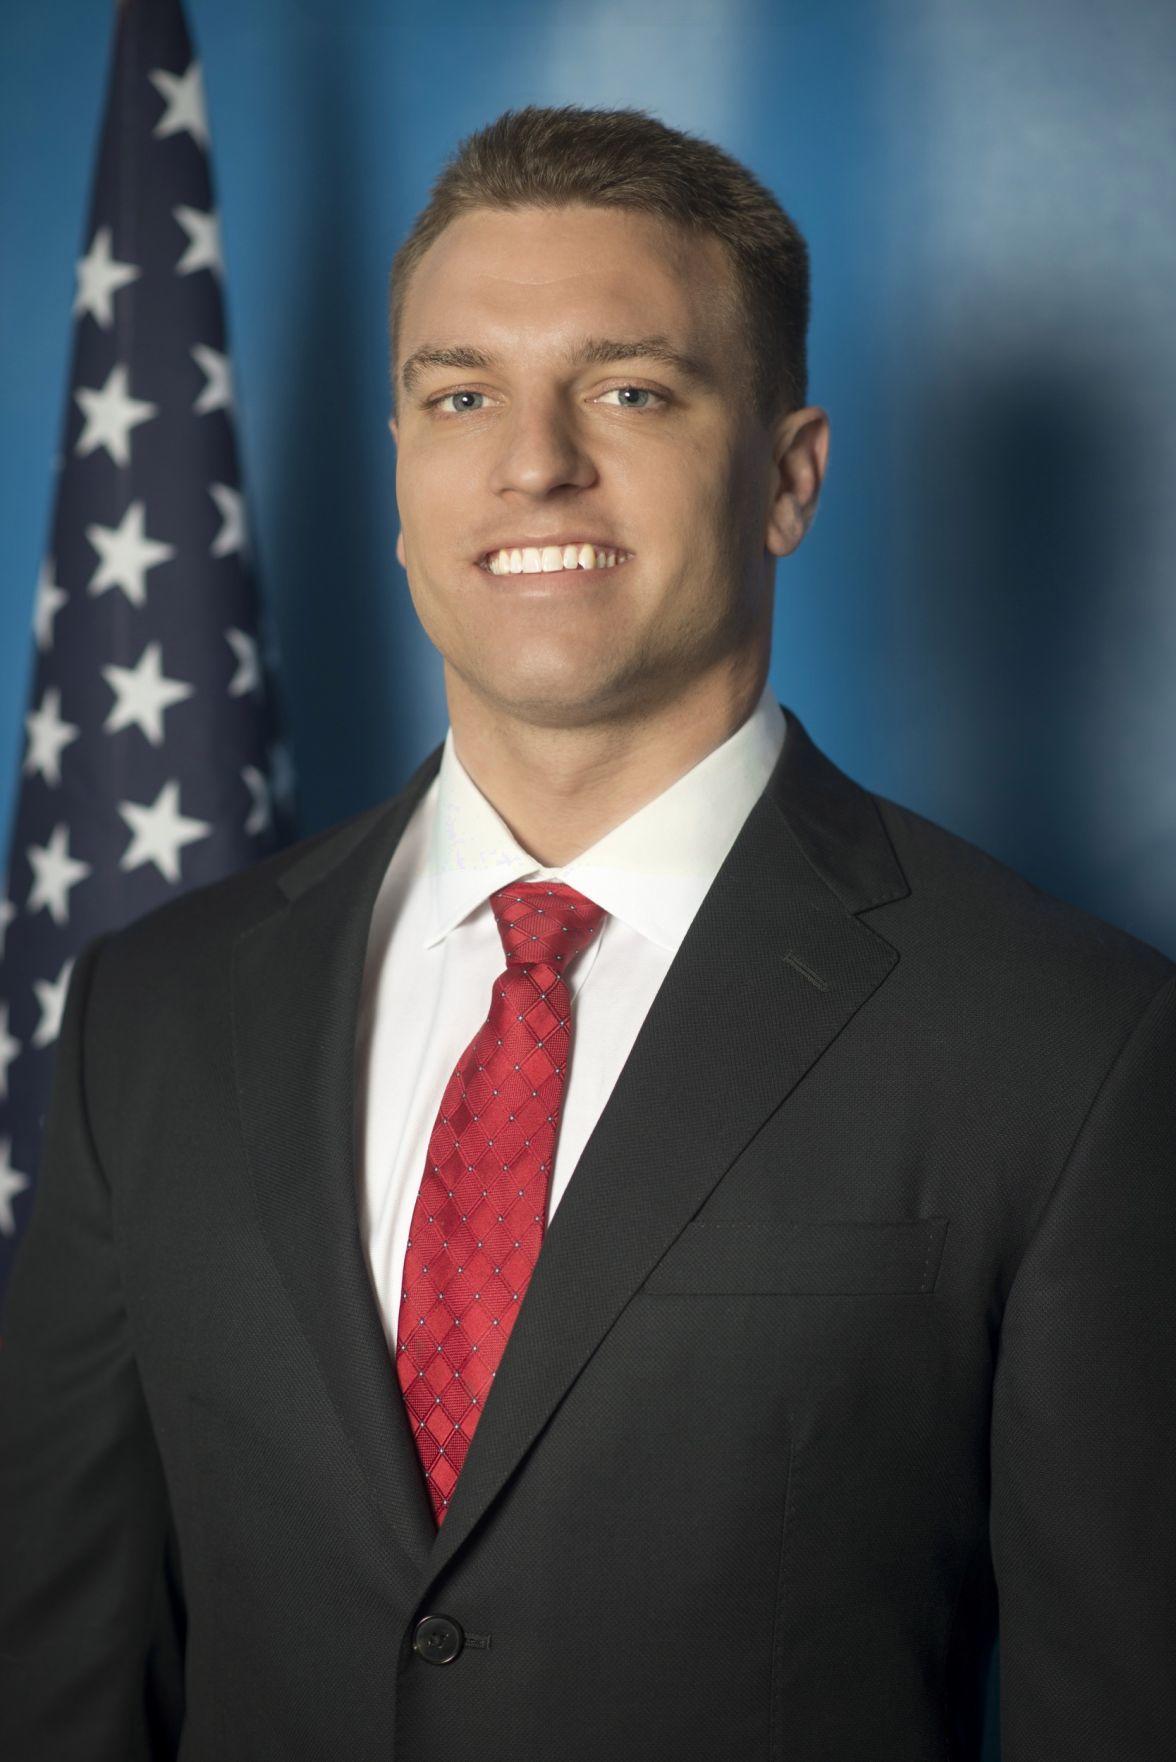 Jay Edwards